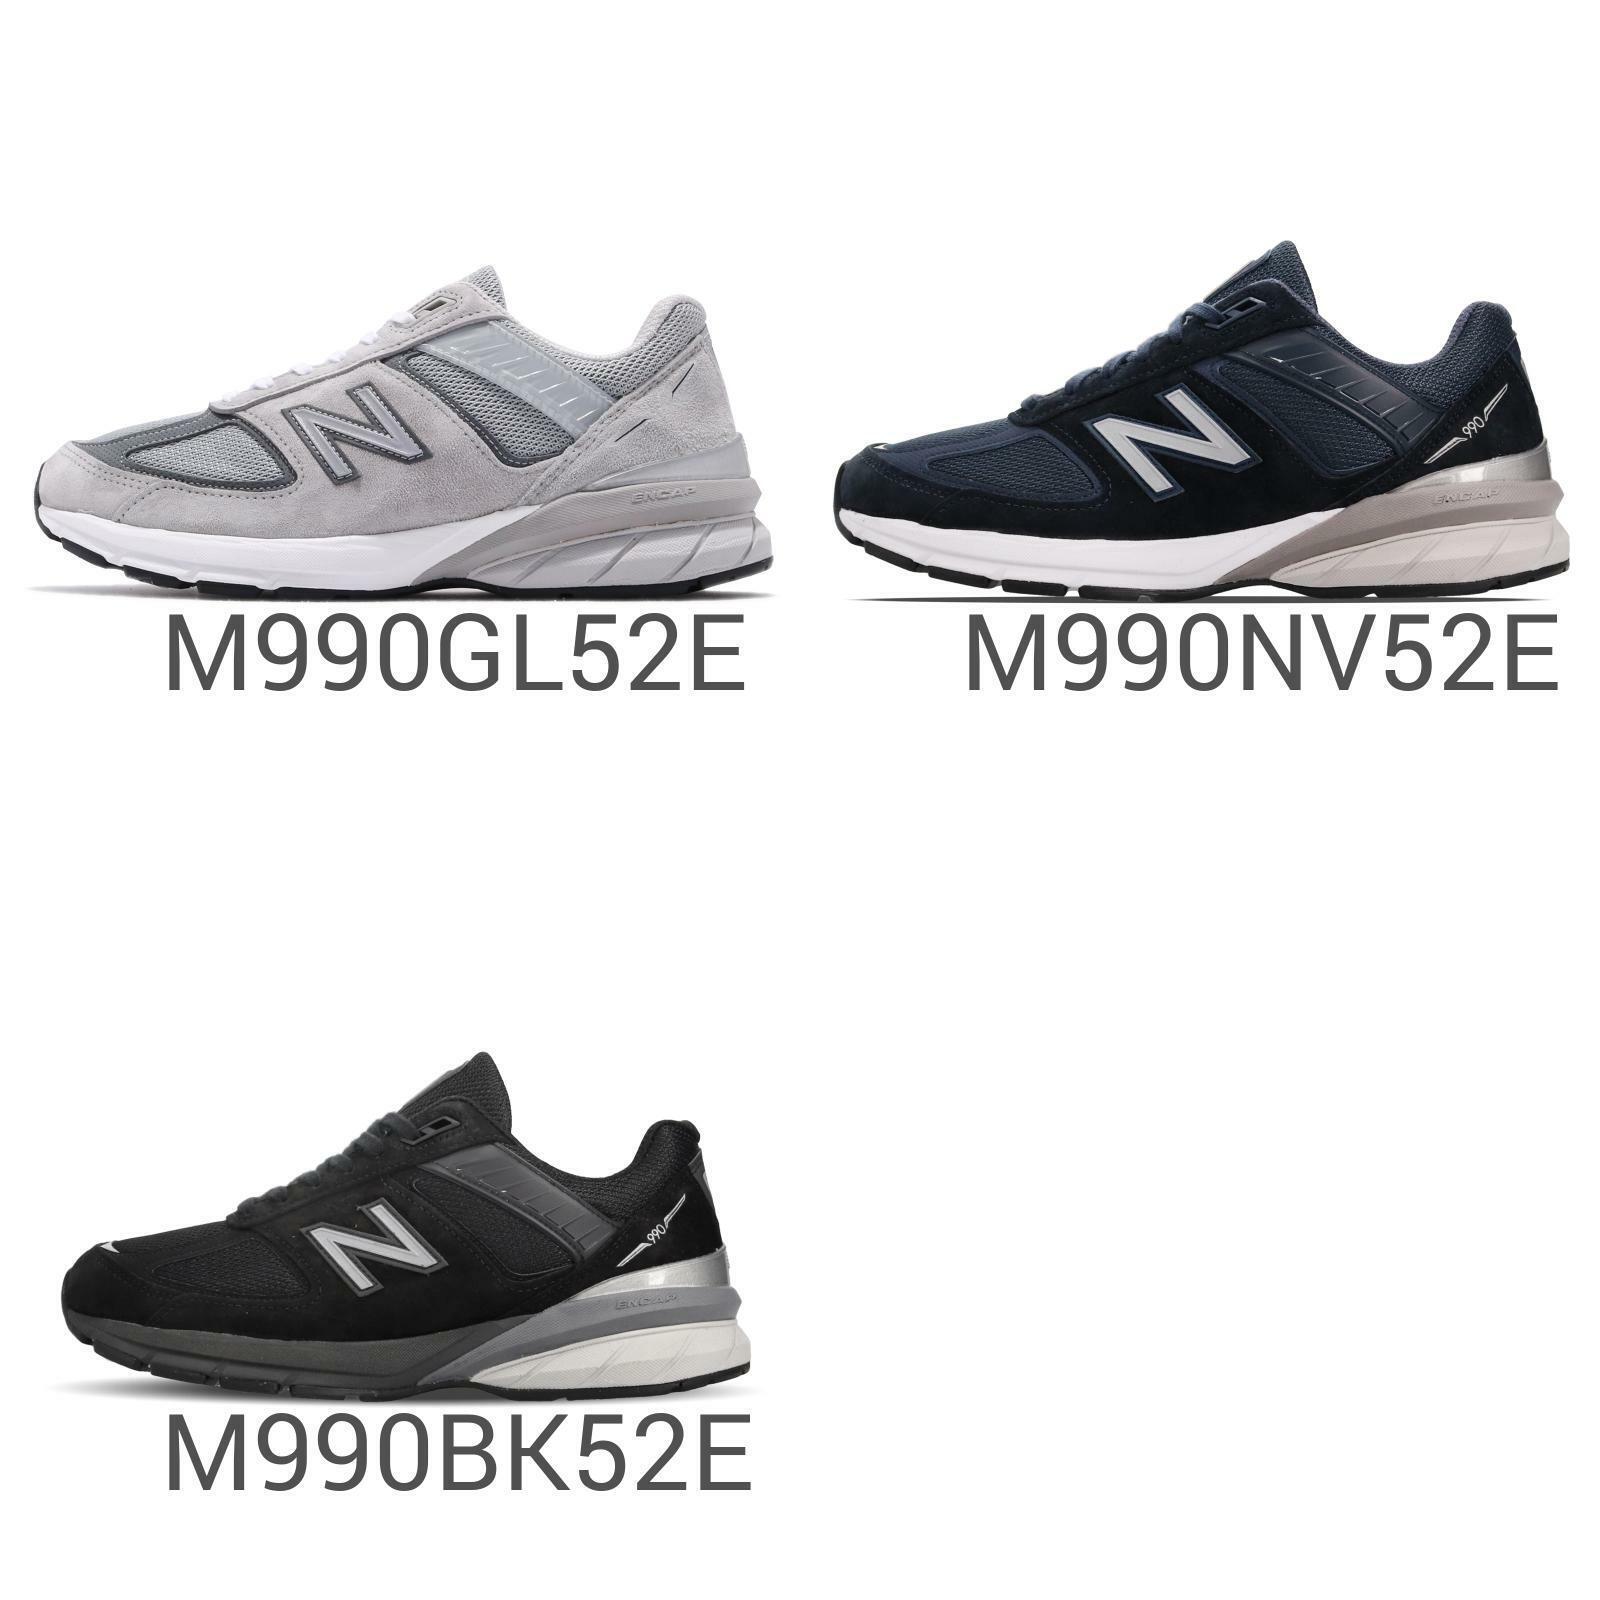 Nuovo bilanciamento M990 2E Wide 990 V5 Made in  USA Men Running scarpe scarpe da ginnastica Pick 1  moda